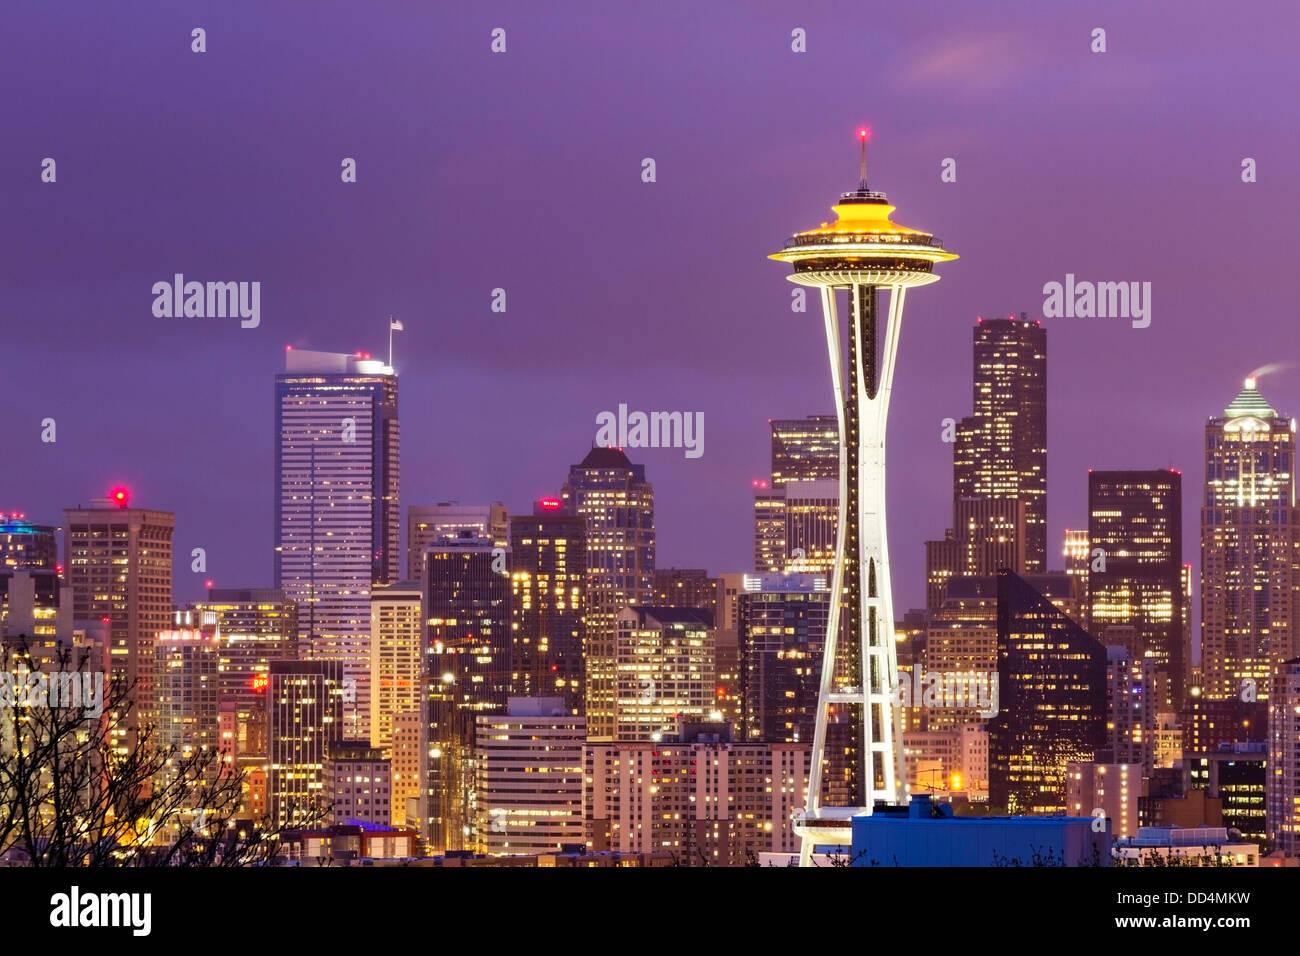 Seattle, Washington City Skyline with the Space Needle - Stock Image